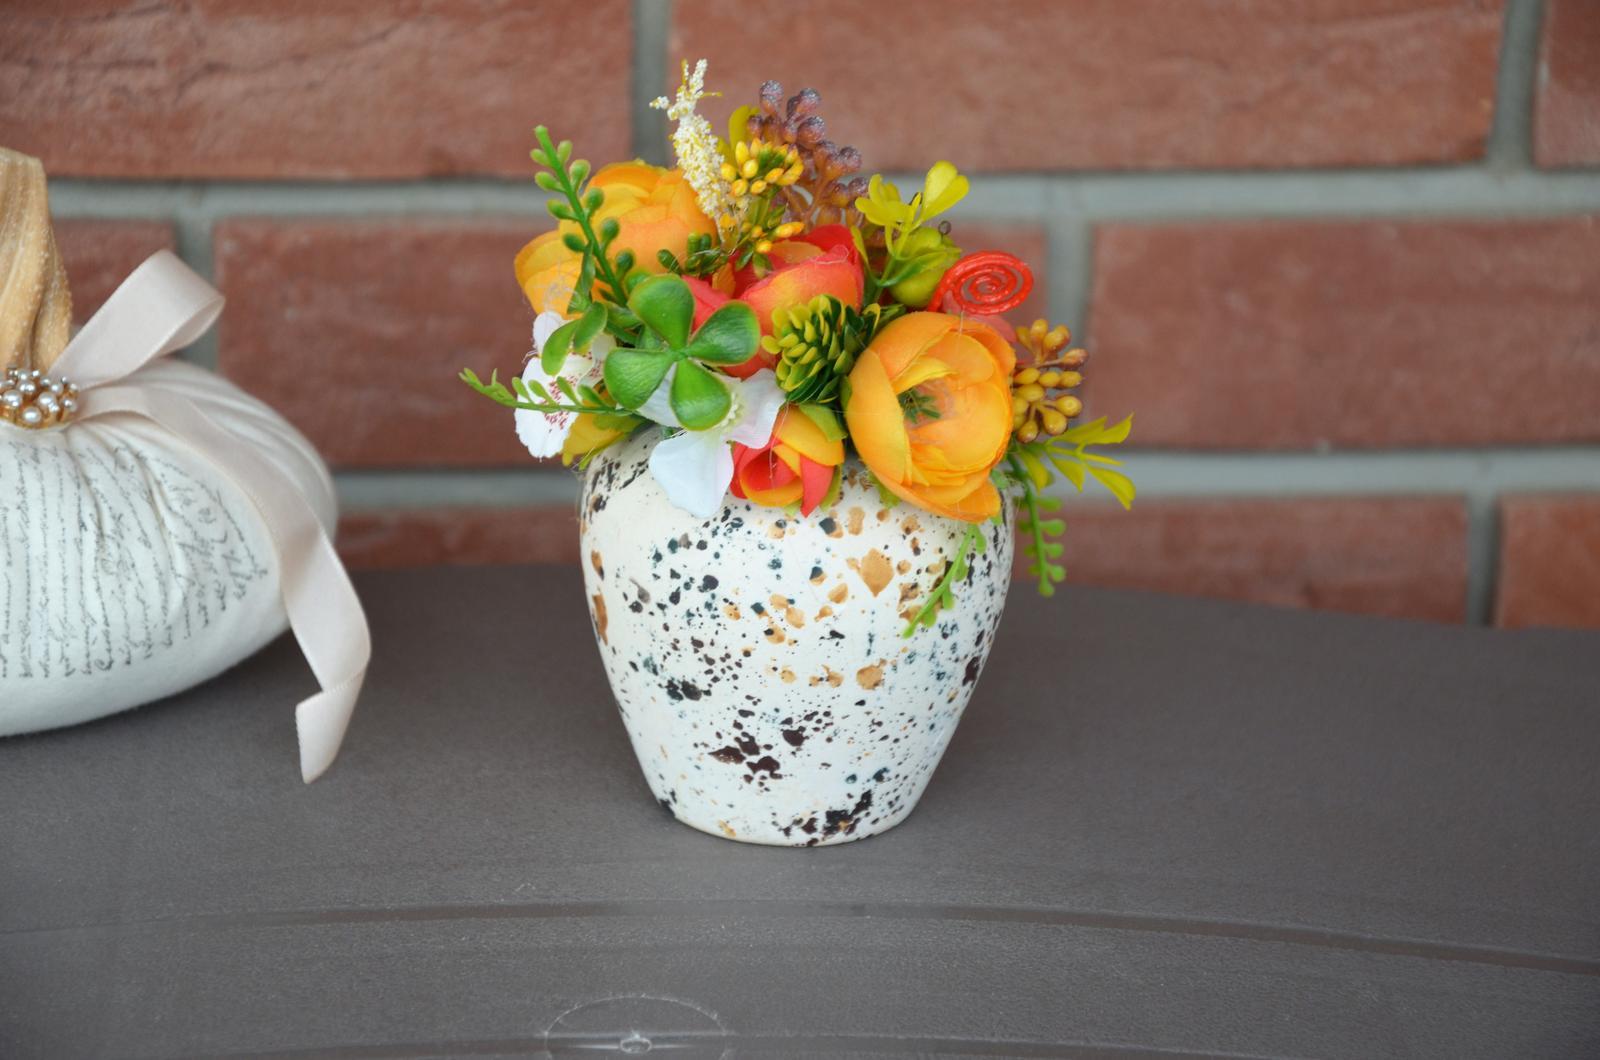 jesenná dekoracia - Obrázok č. 3